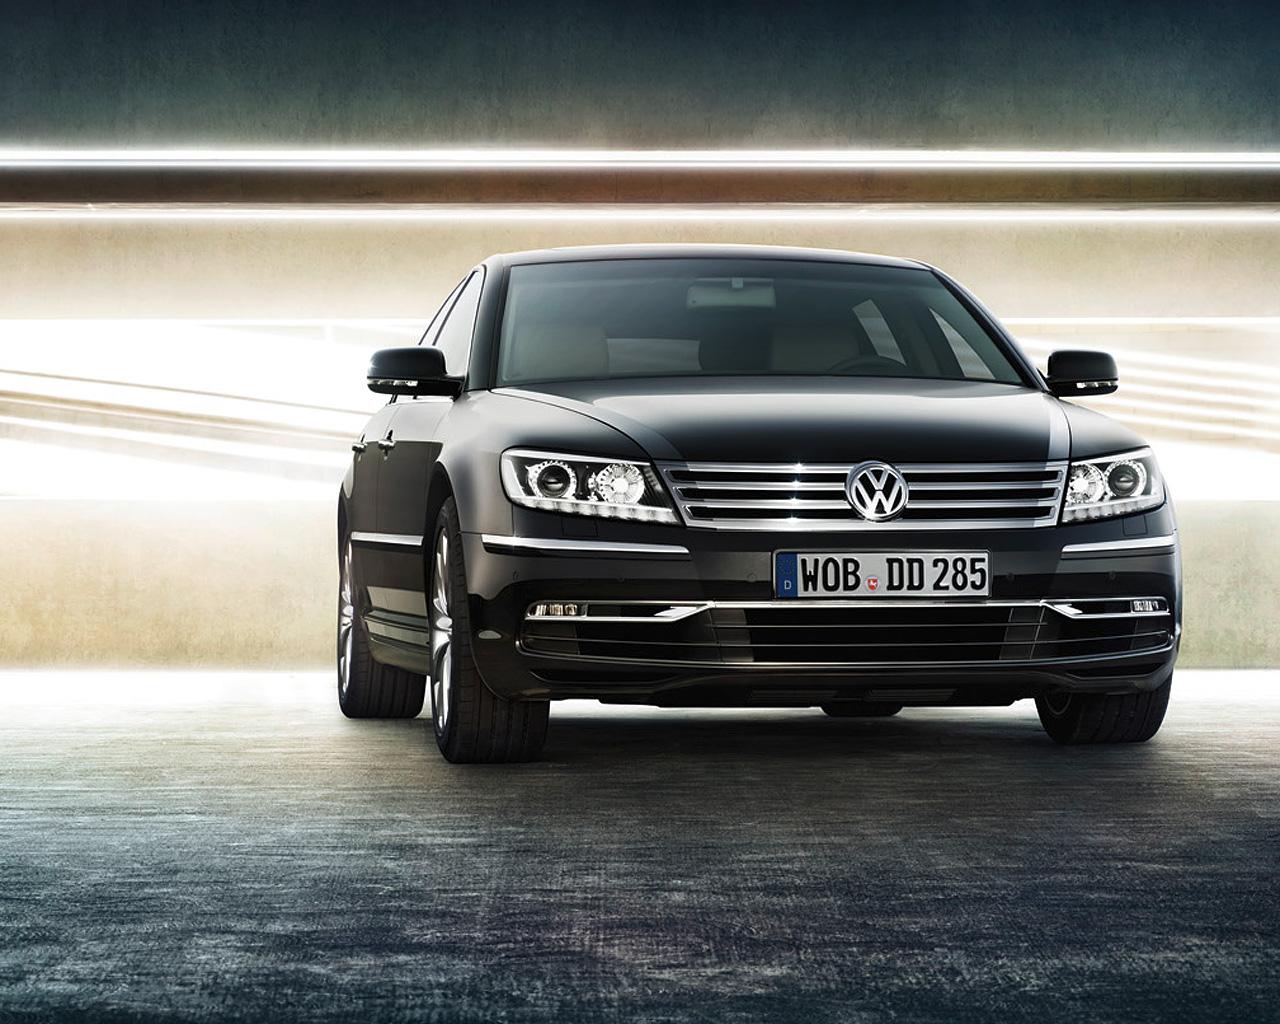 volkswagen wallpaper (Volkswagen Phaeton)